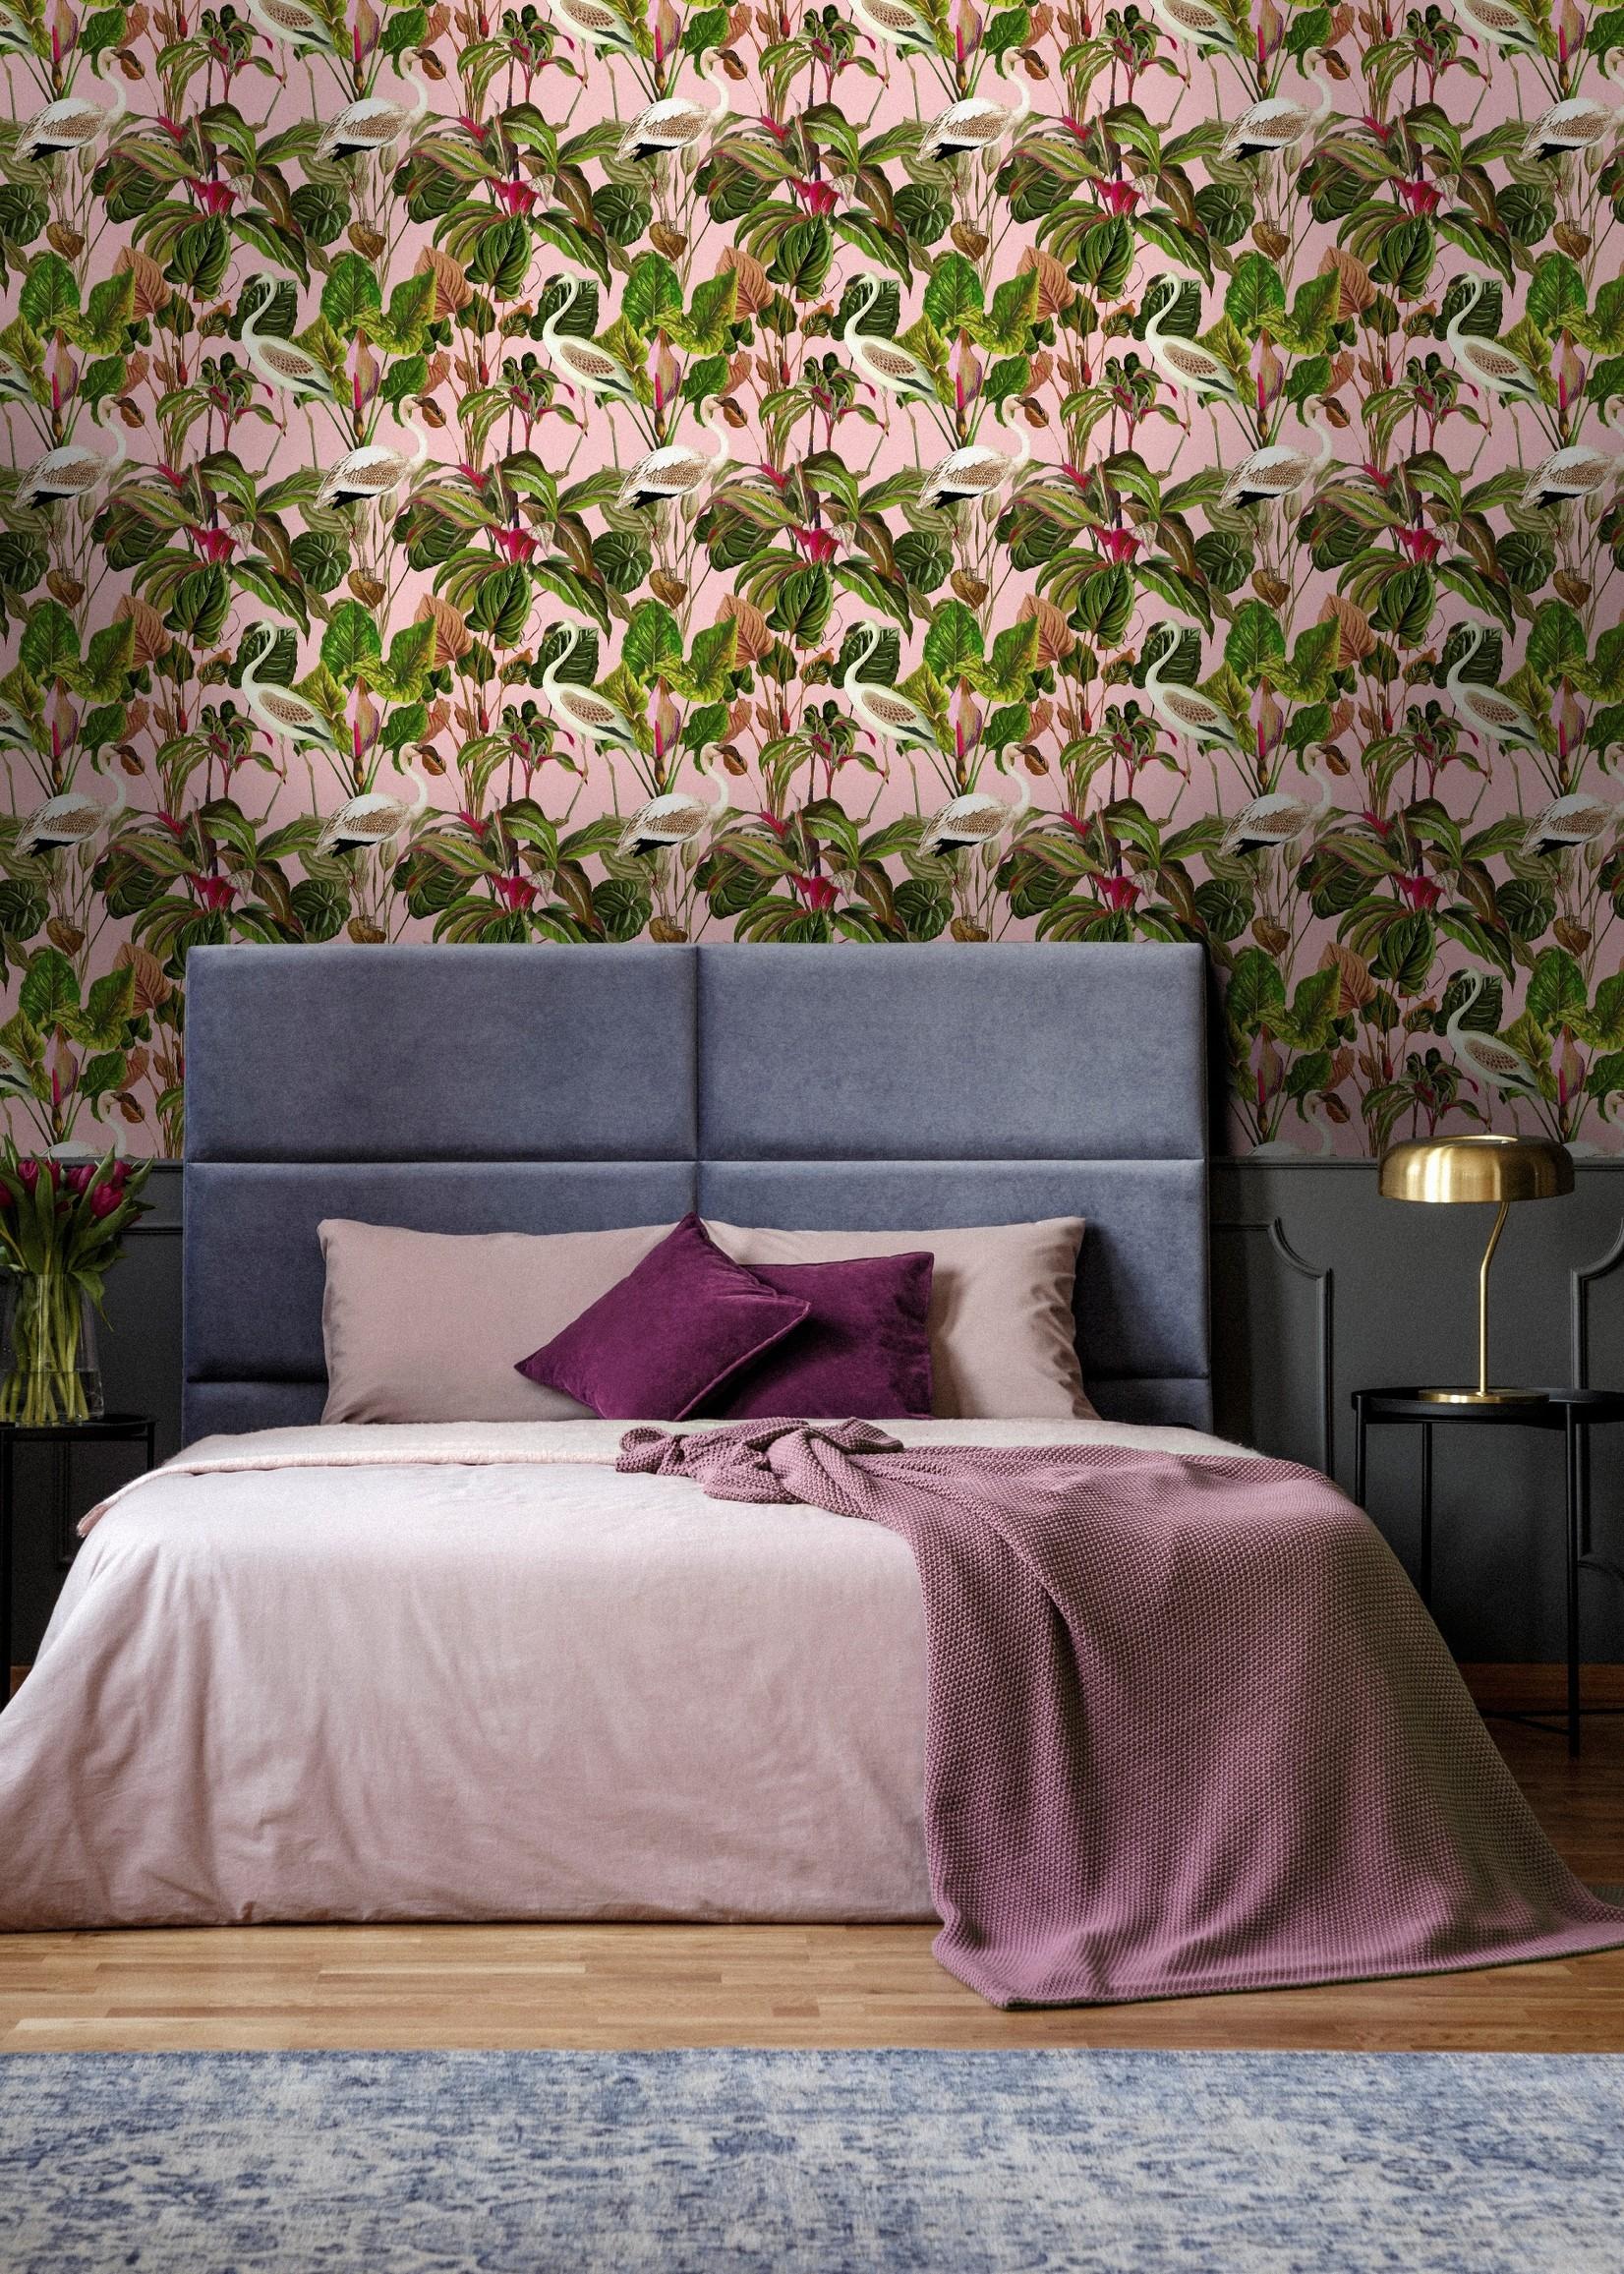 MINDTHEGAP Designer Wallpaper BEVERLY HILLS Pink